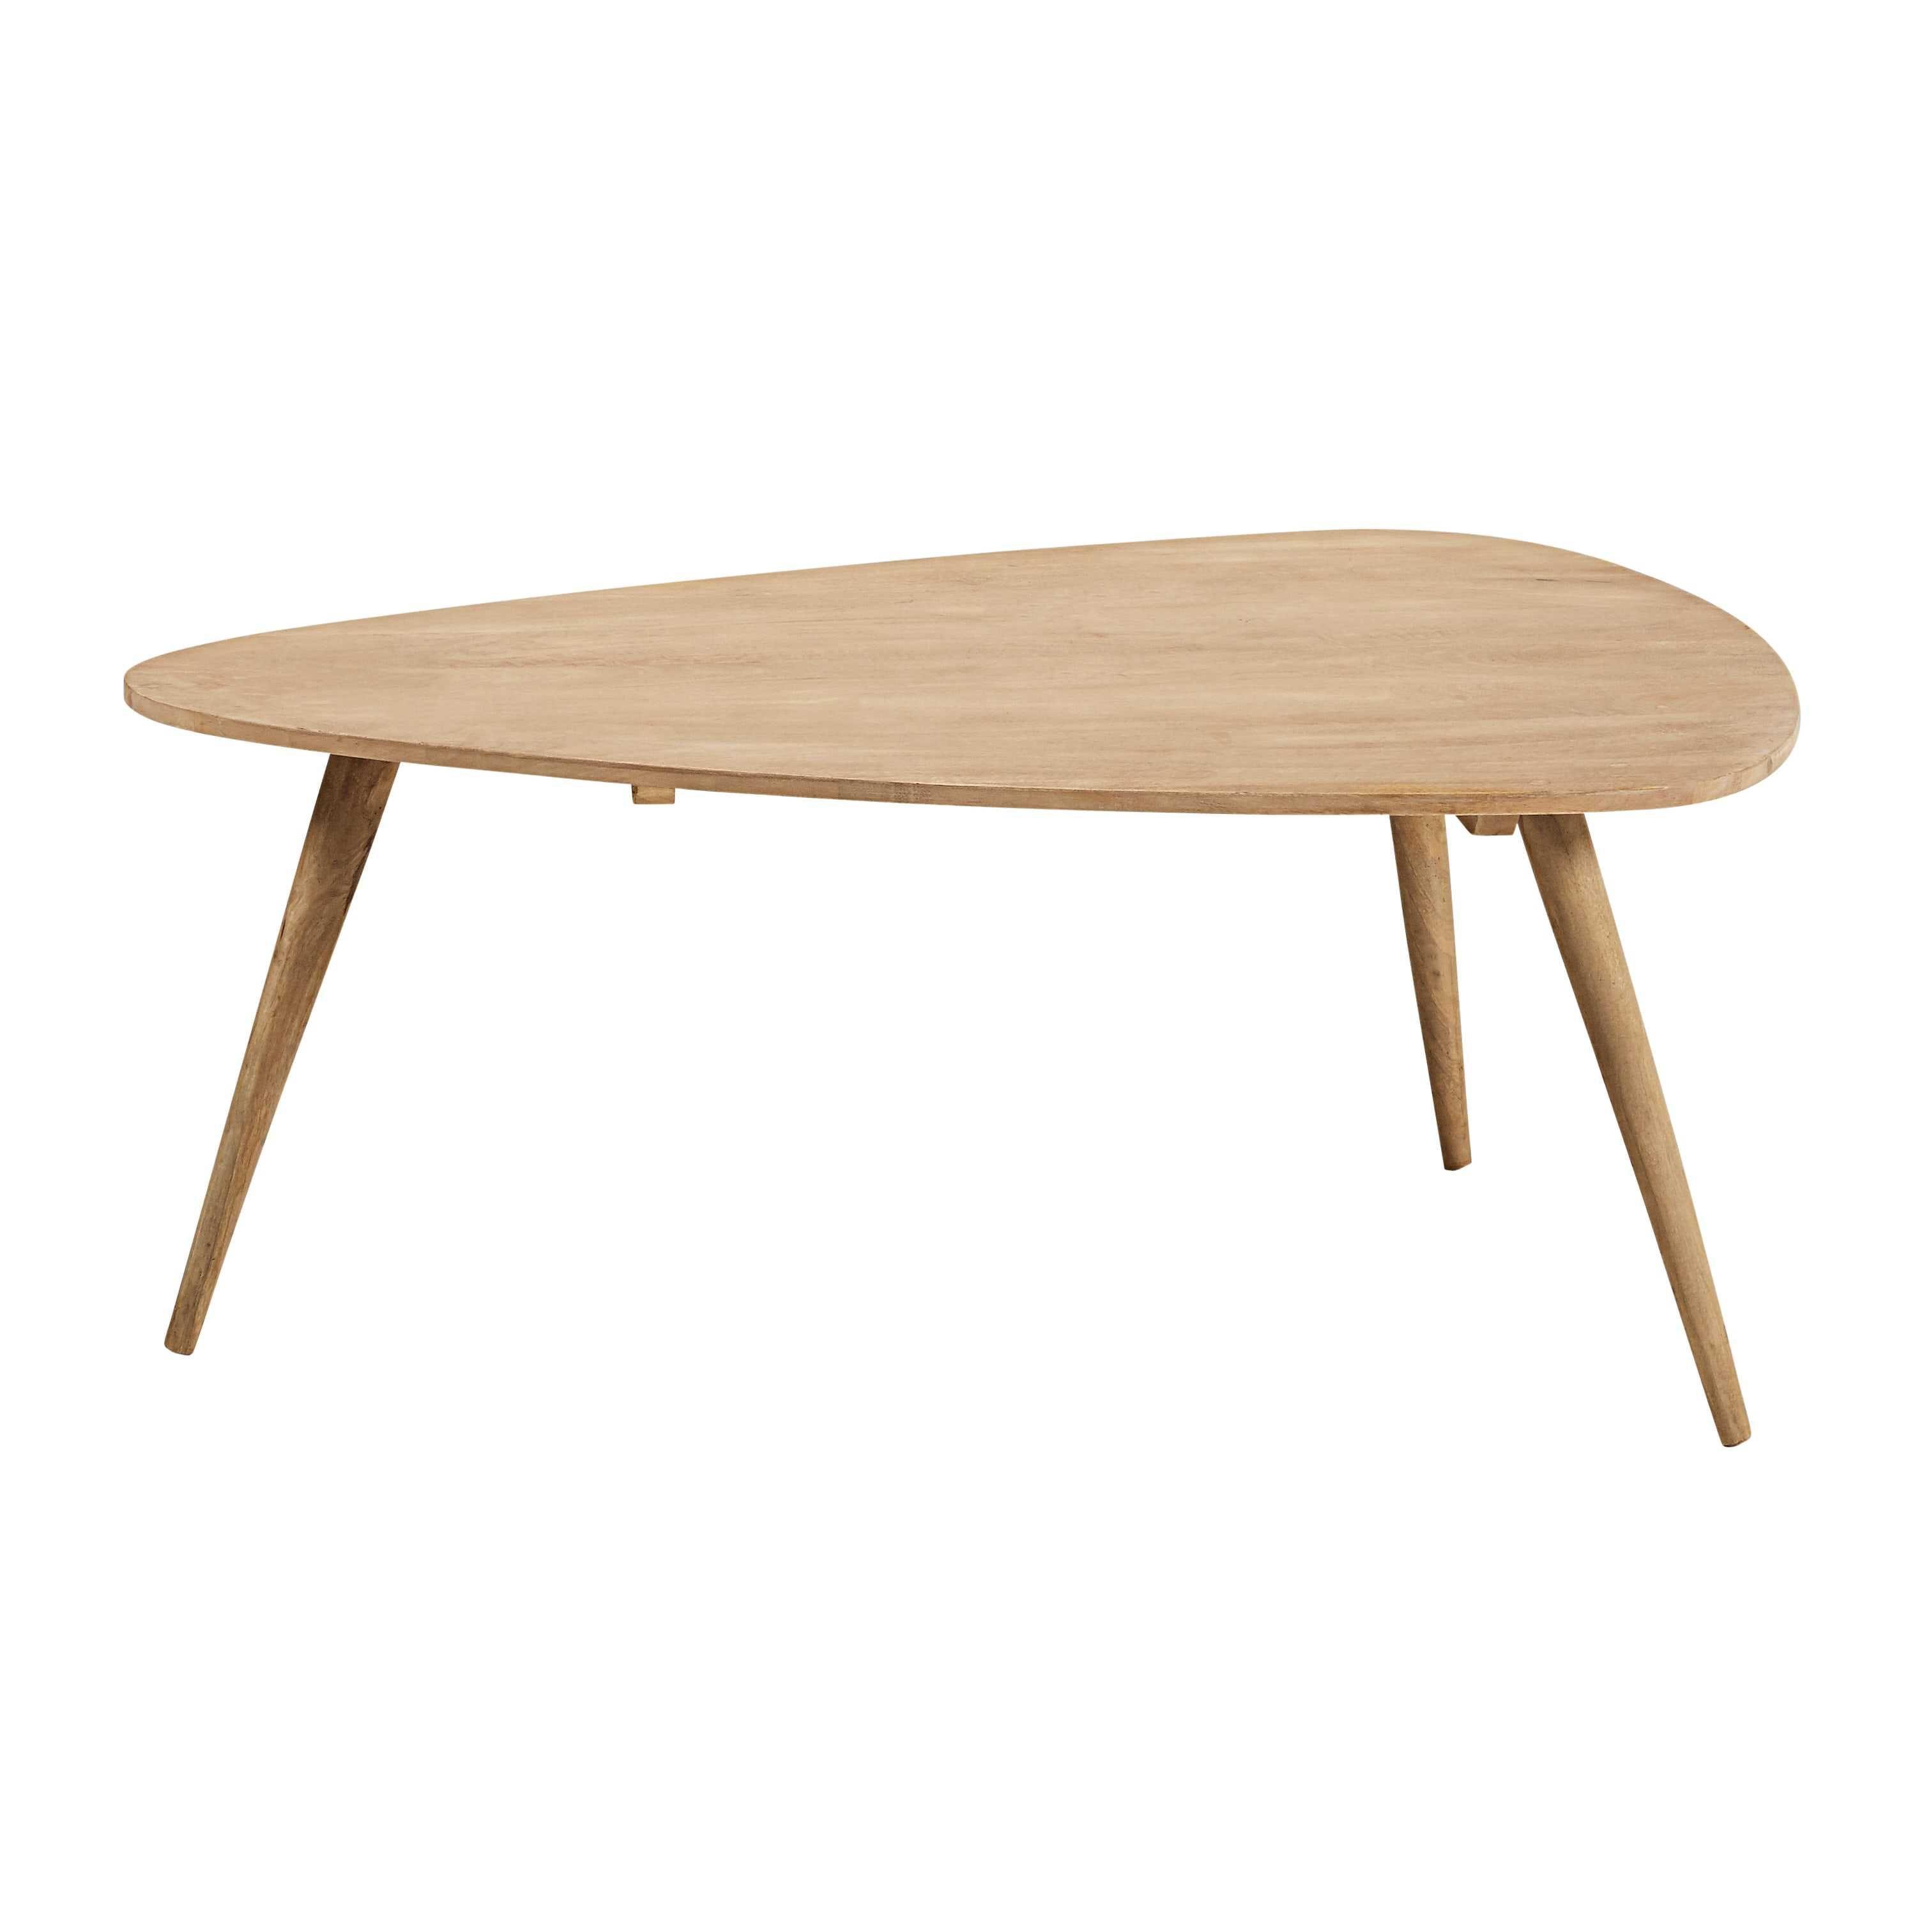 table basse vintage en manguier massif 120x85 bas. Black Bedroom Furniture Sets. Home Design Ideas